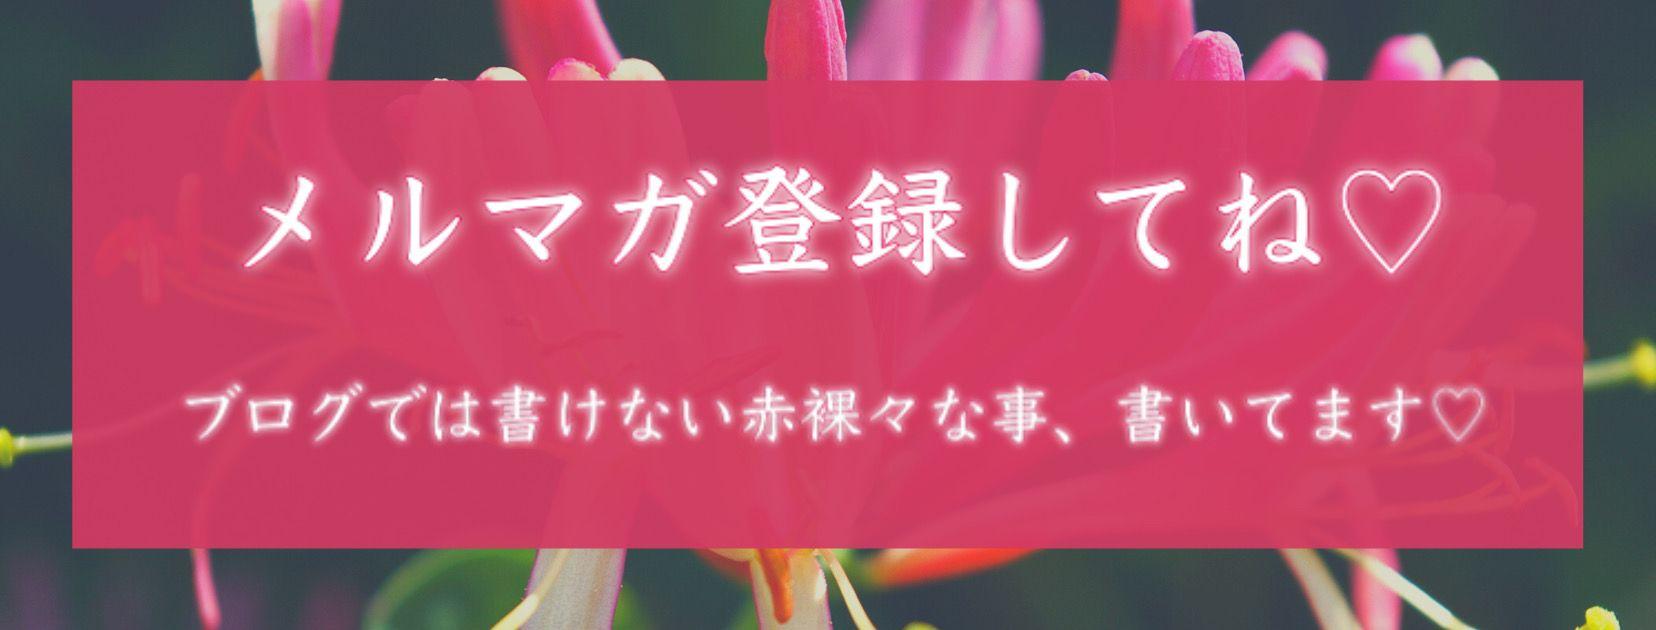 愛知県刈谷市|フェミニンケア専門サロン Glossy lips